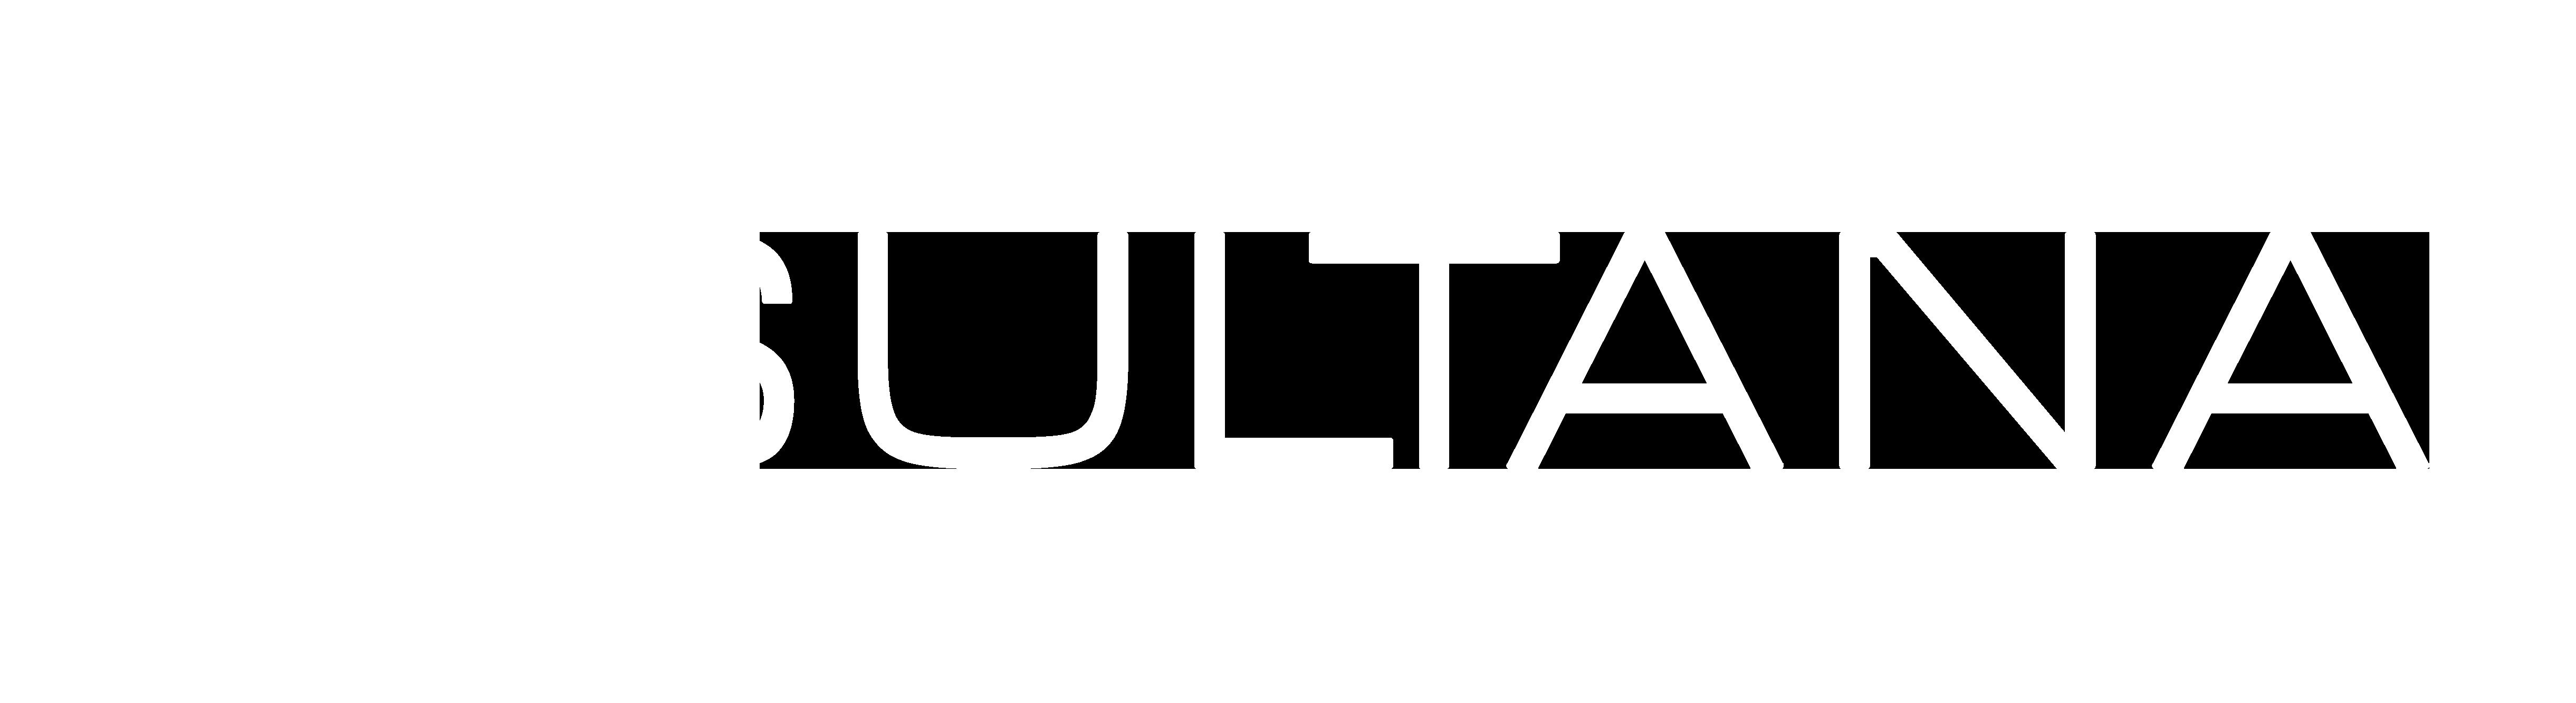 Sultana sound studio Logo